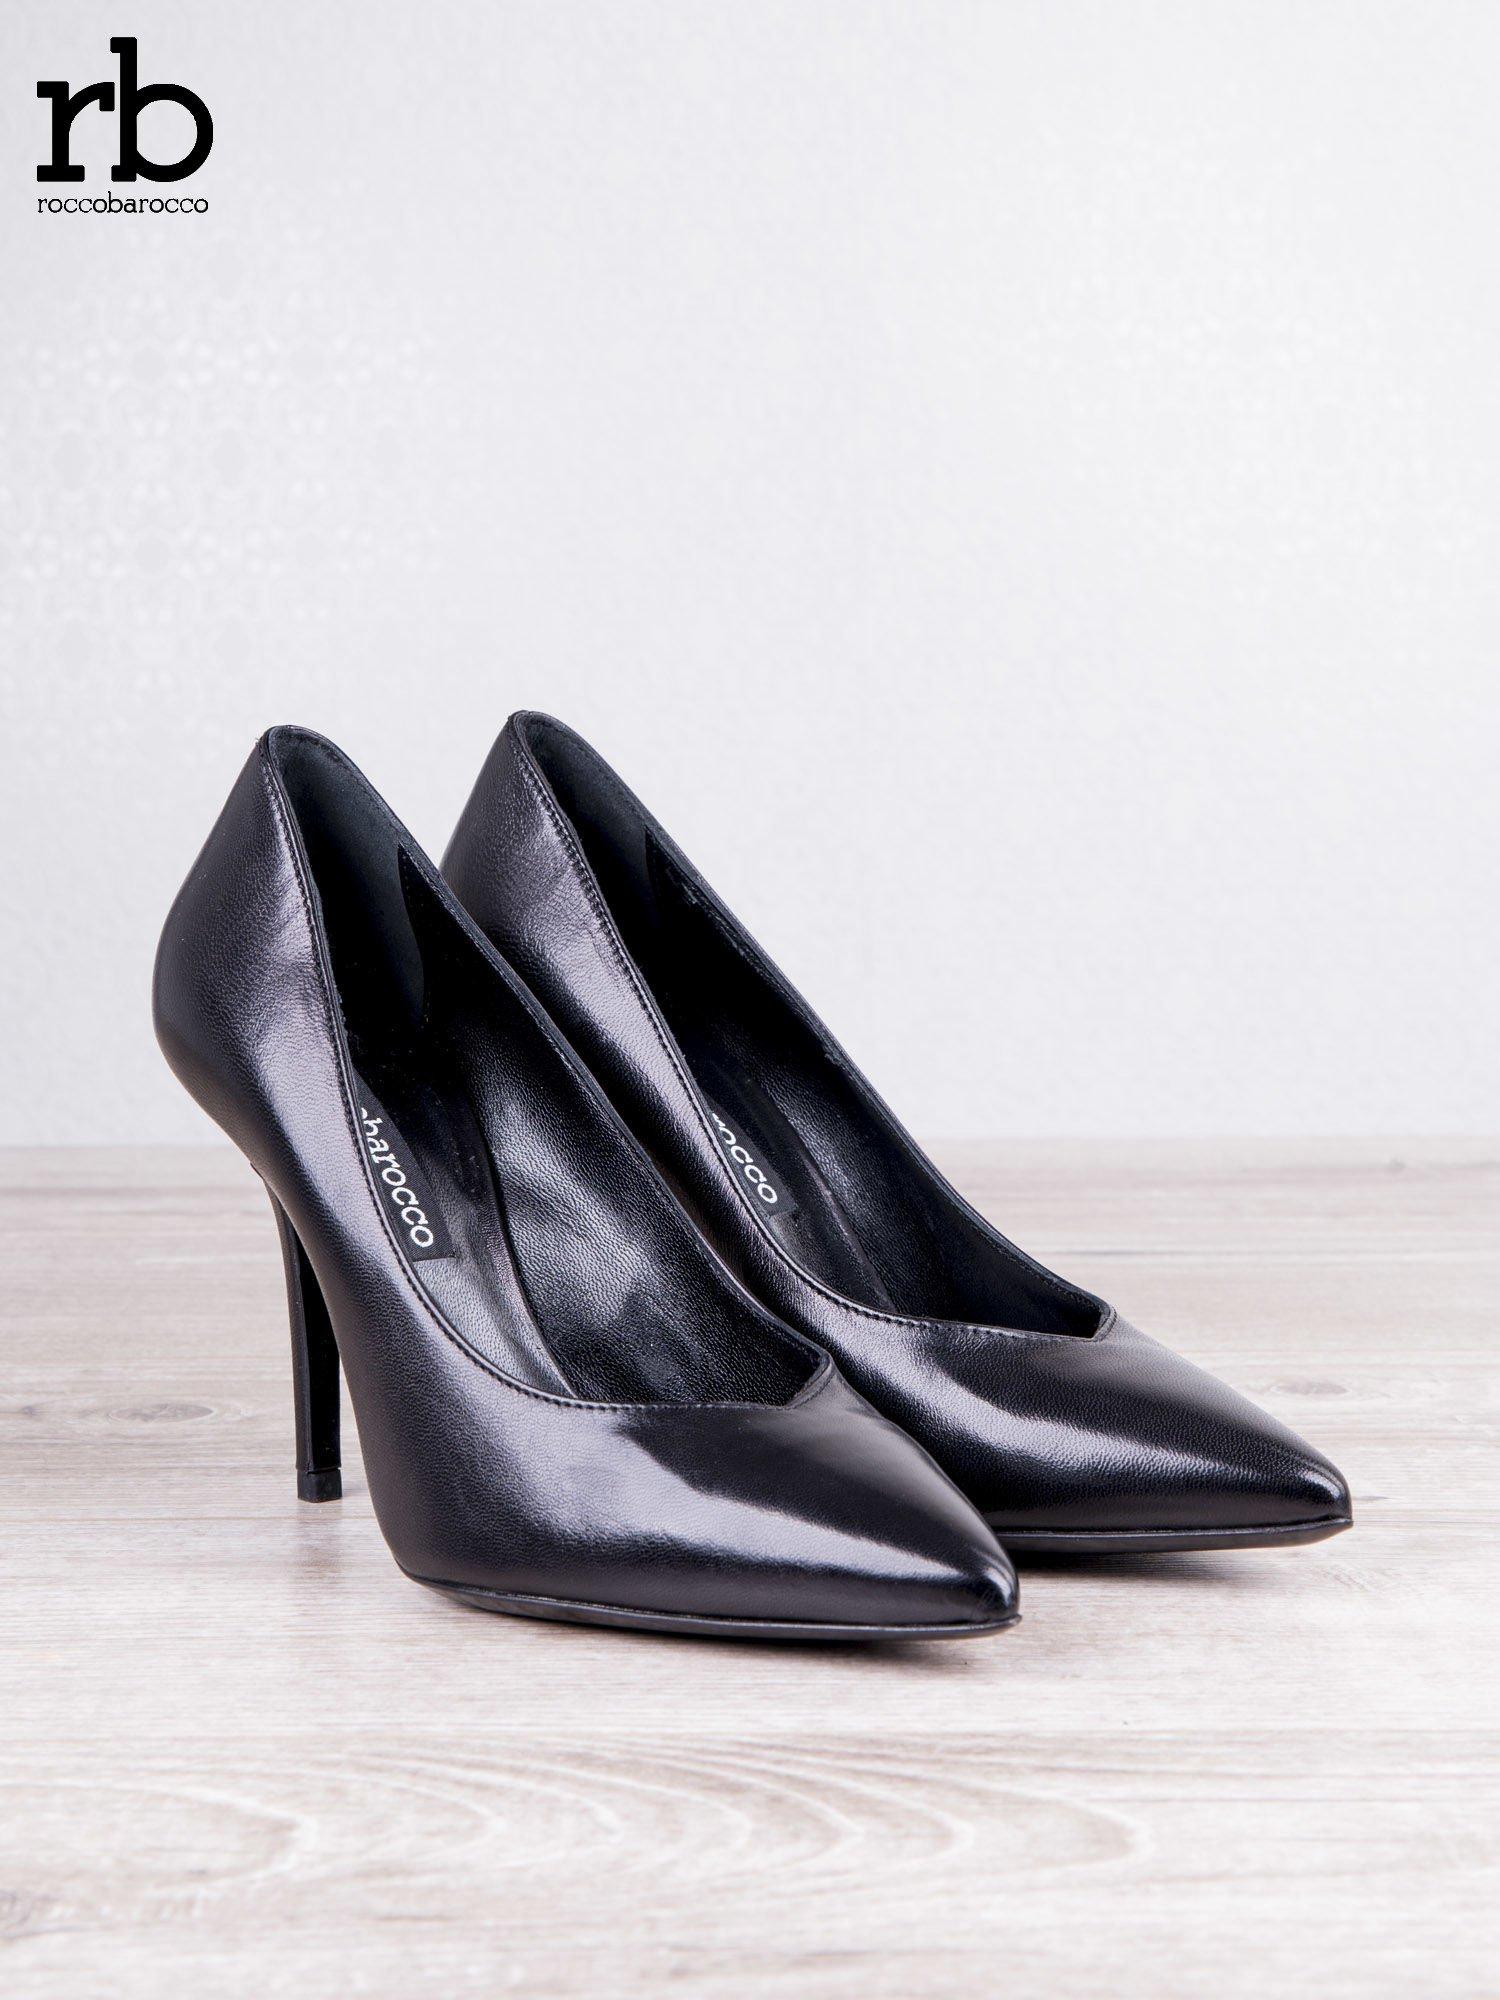 ROCCOBAROCCO czarne skórzane szpilki grain leather w szpic                                  zdj.                                  5